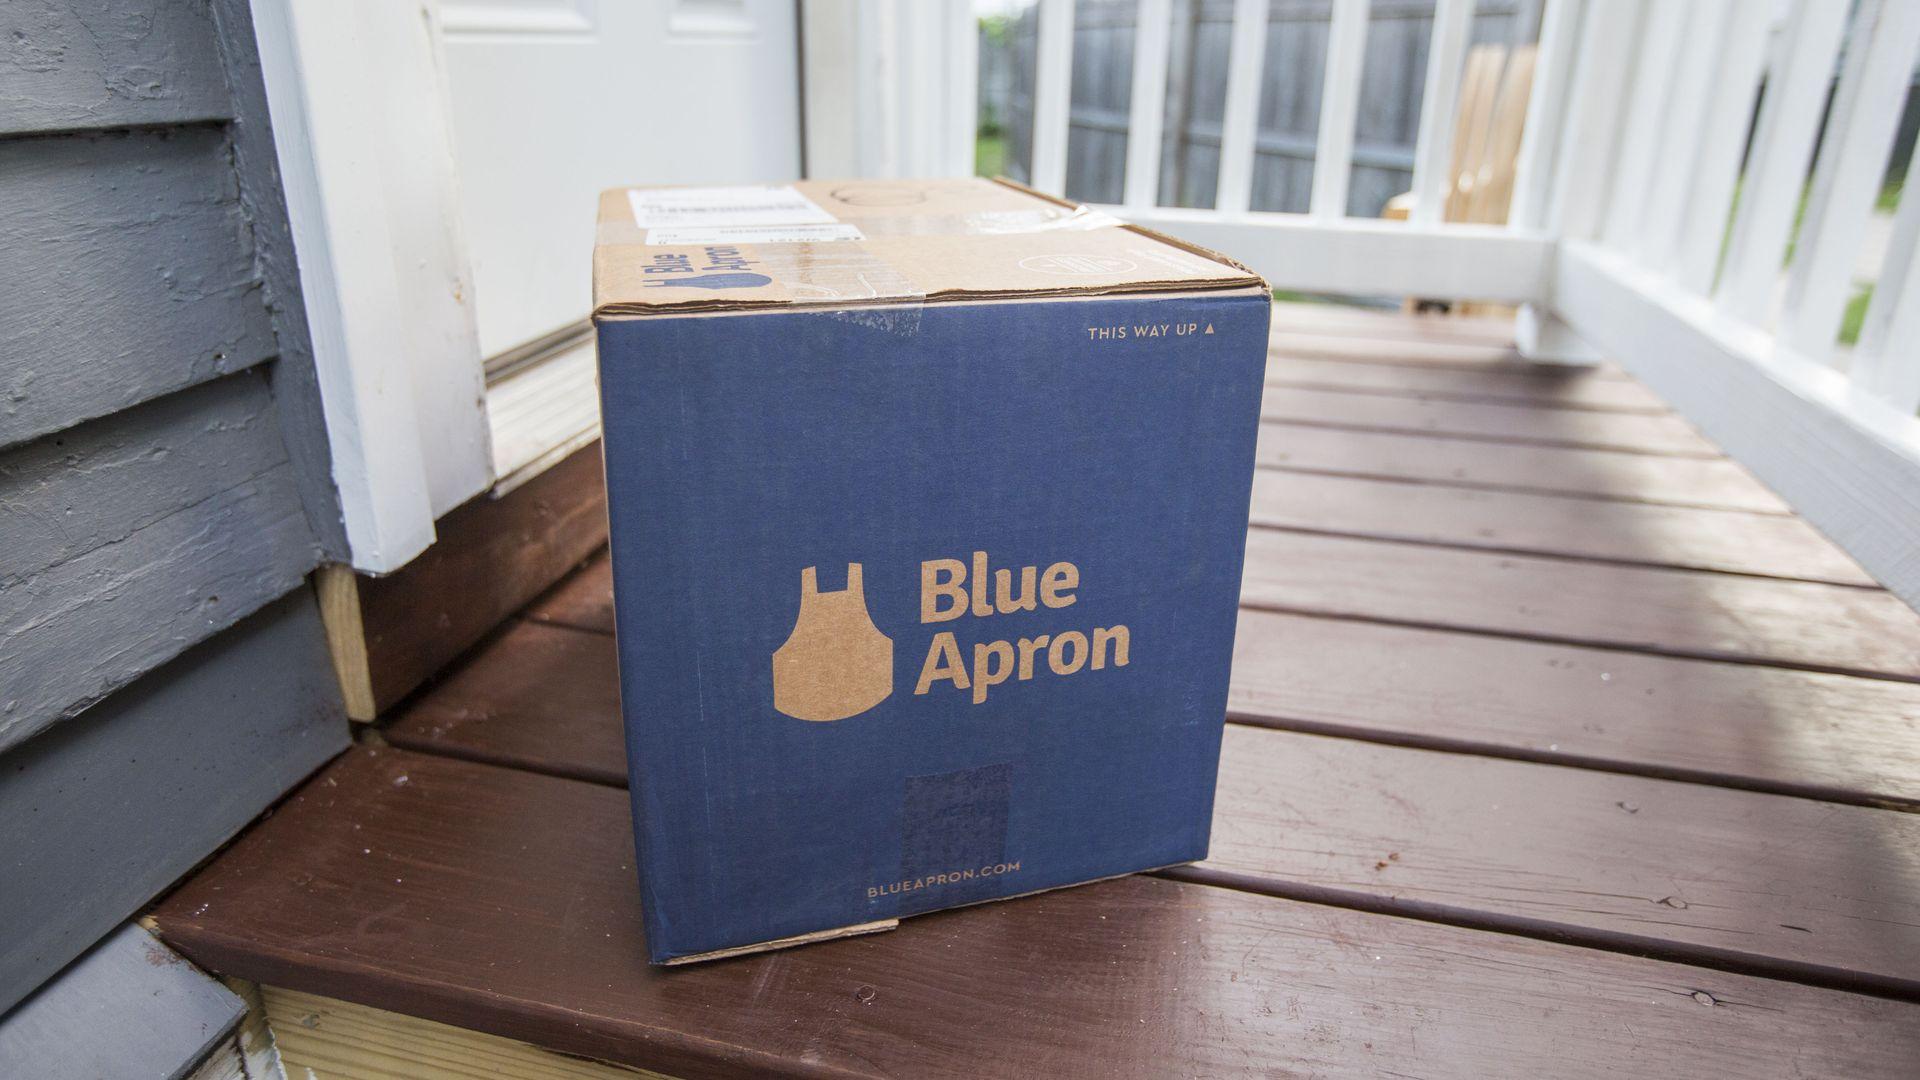 A Blue Apron box on a doorstep